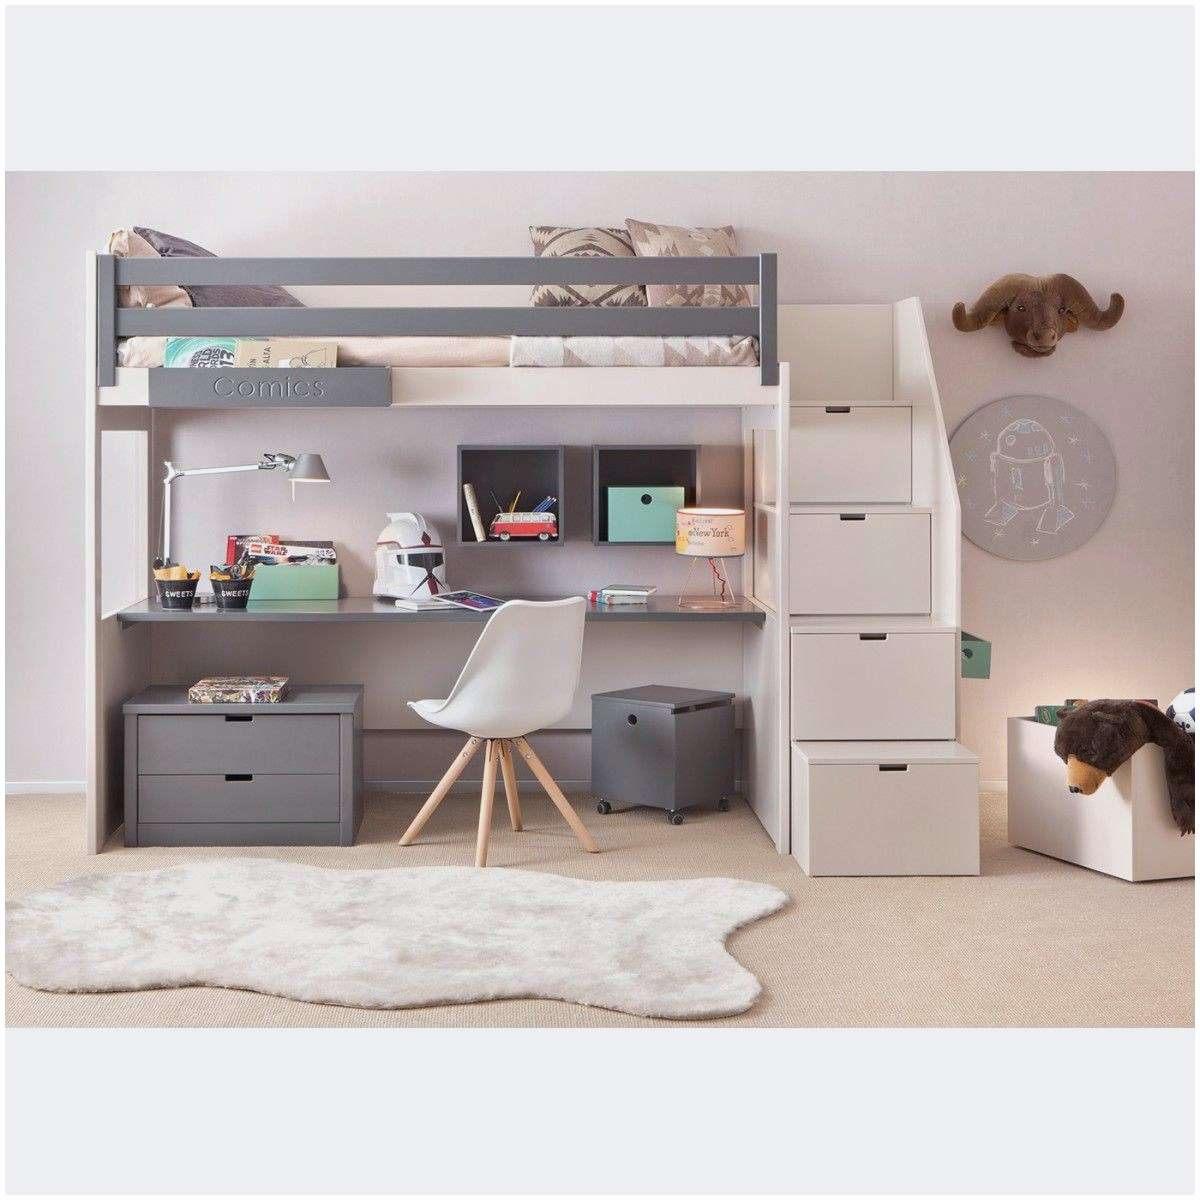 Lit Mezzanine En Fer Meilleur De Impressionnant Mezzanine Design Chambre Génial Lit En Mezzanine Luxe